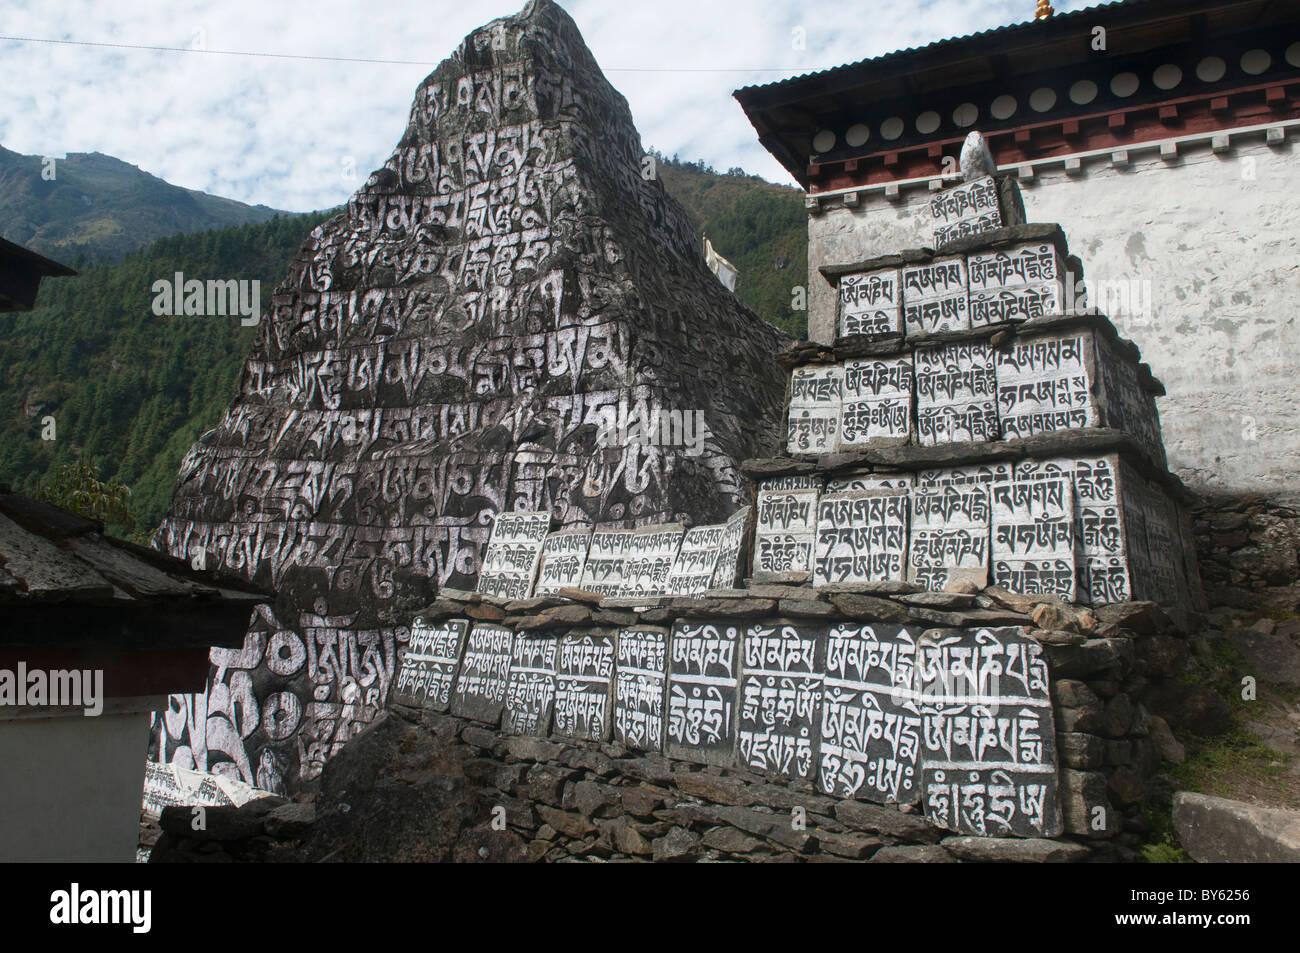 Mani da muri in pietra lungo il sentiero nella regione dell Everest del Nepal Immagini Stock